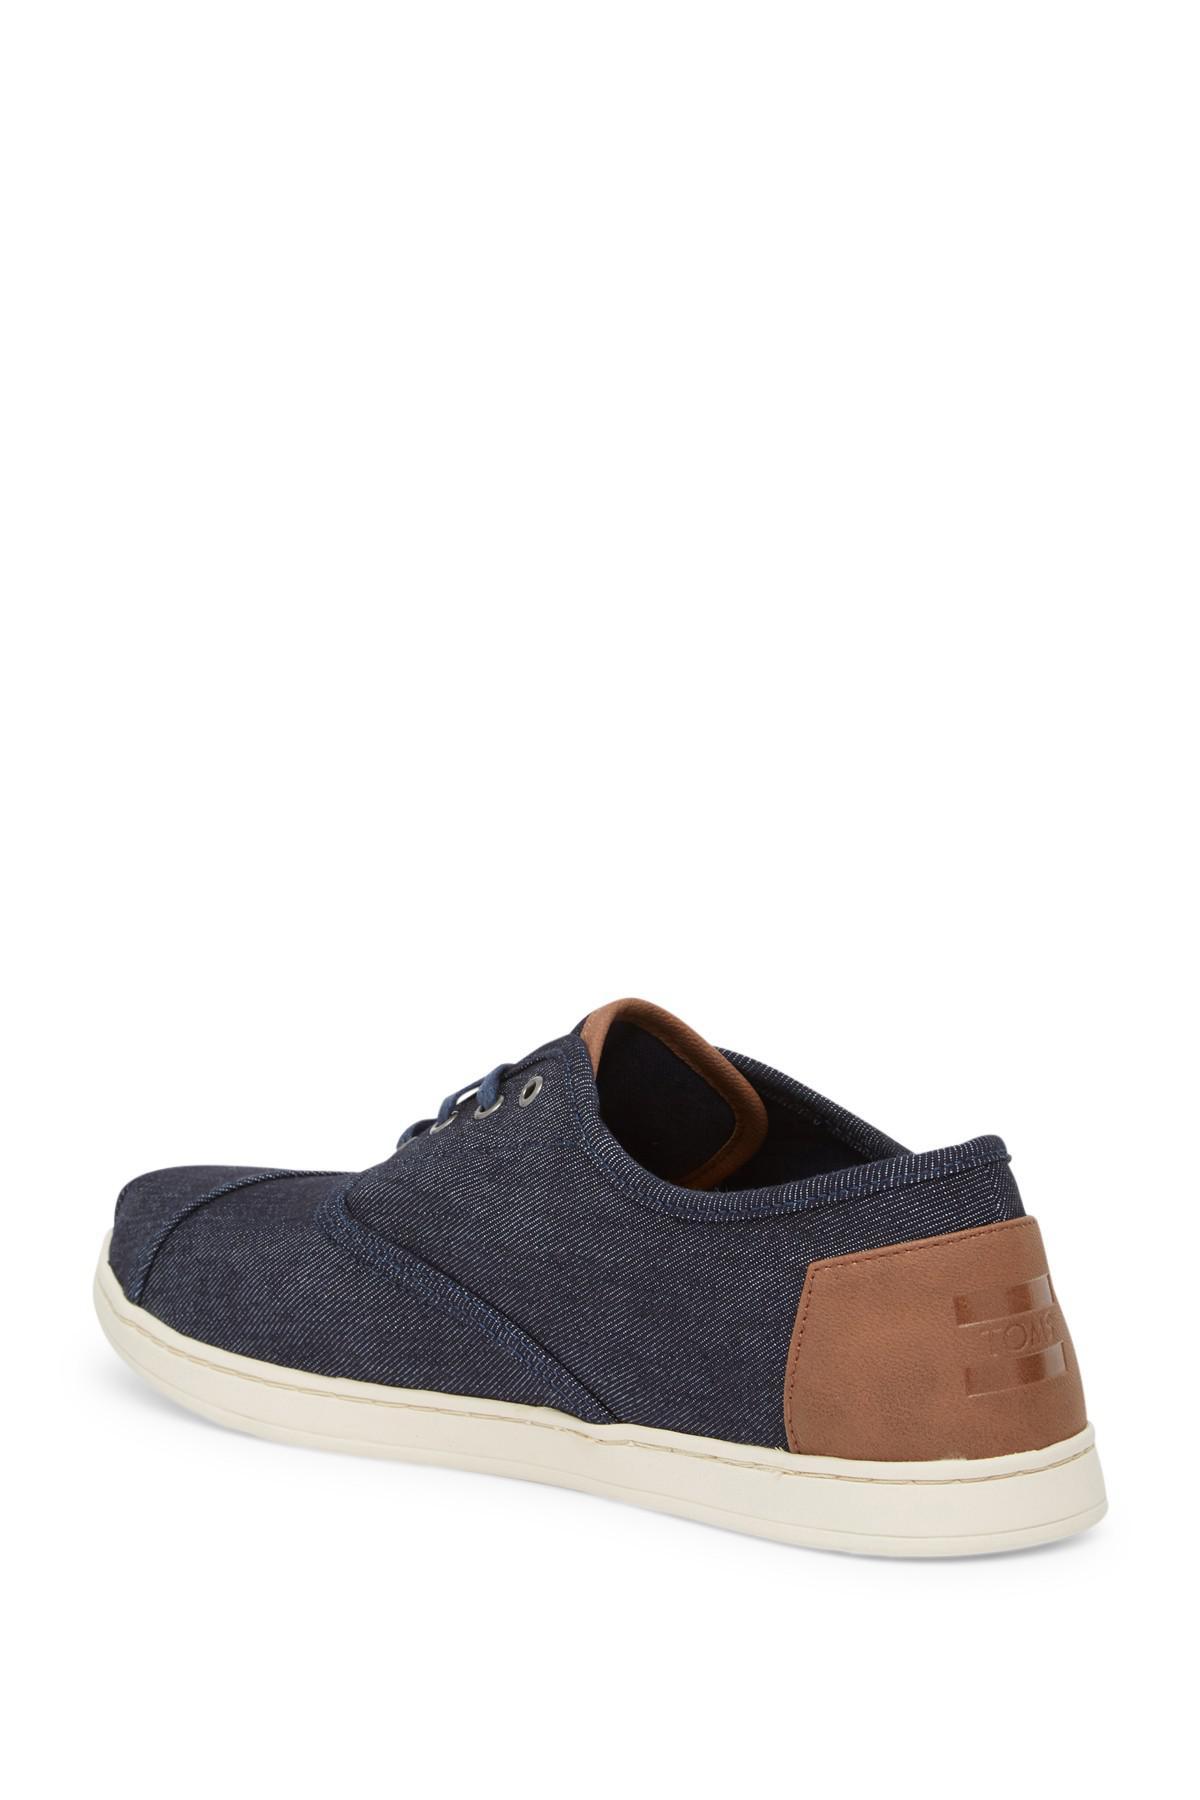 TOMS Donovan Blue Denim Sneaker for Men